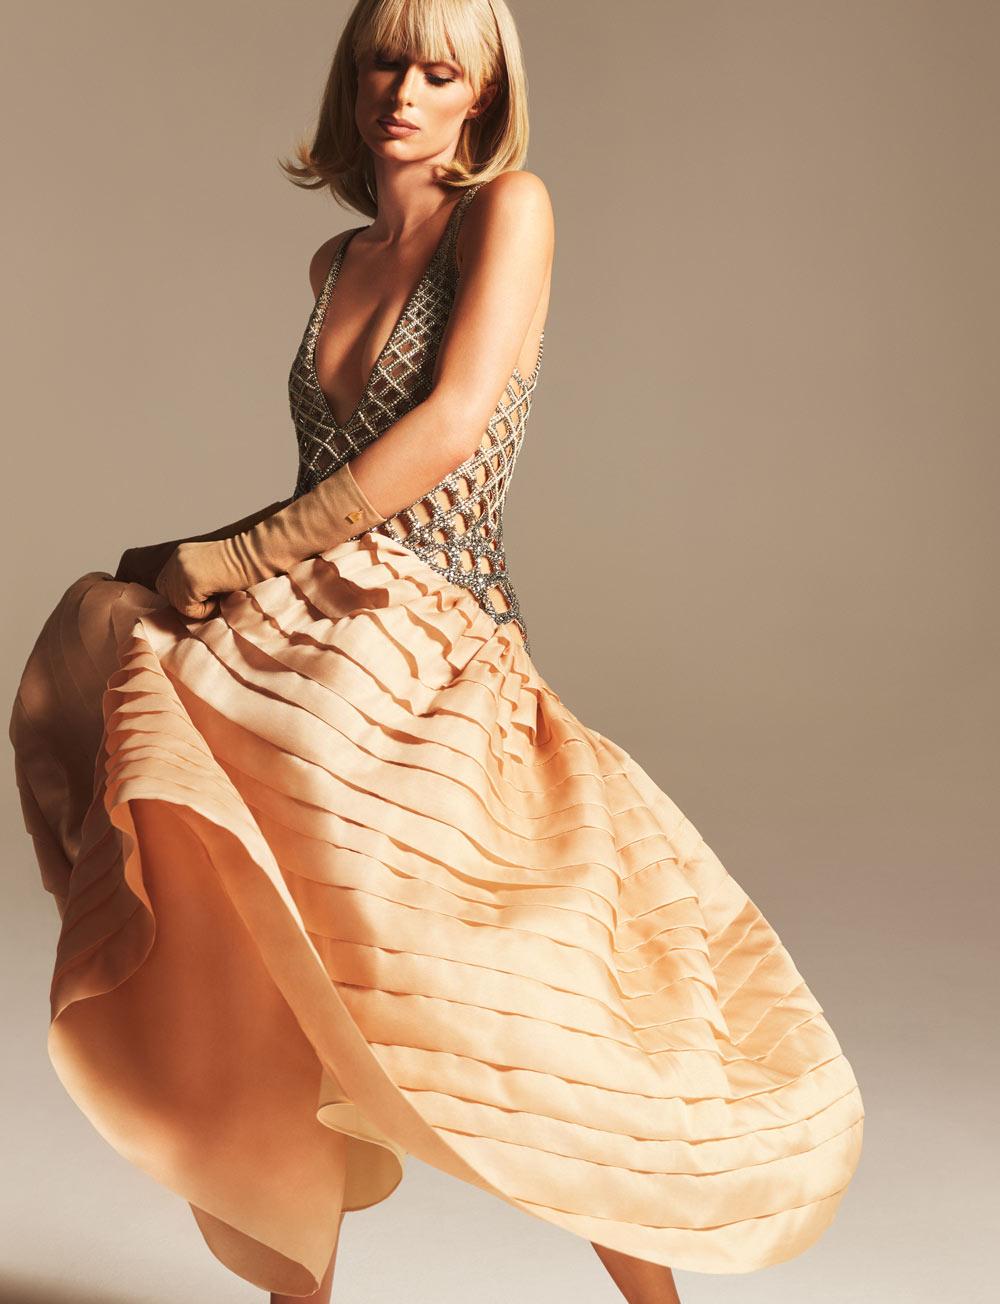 Accessoires Paris Hilton Lanvin